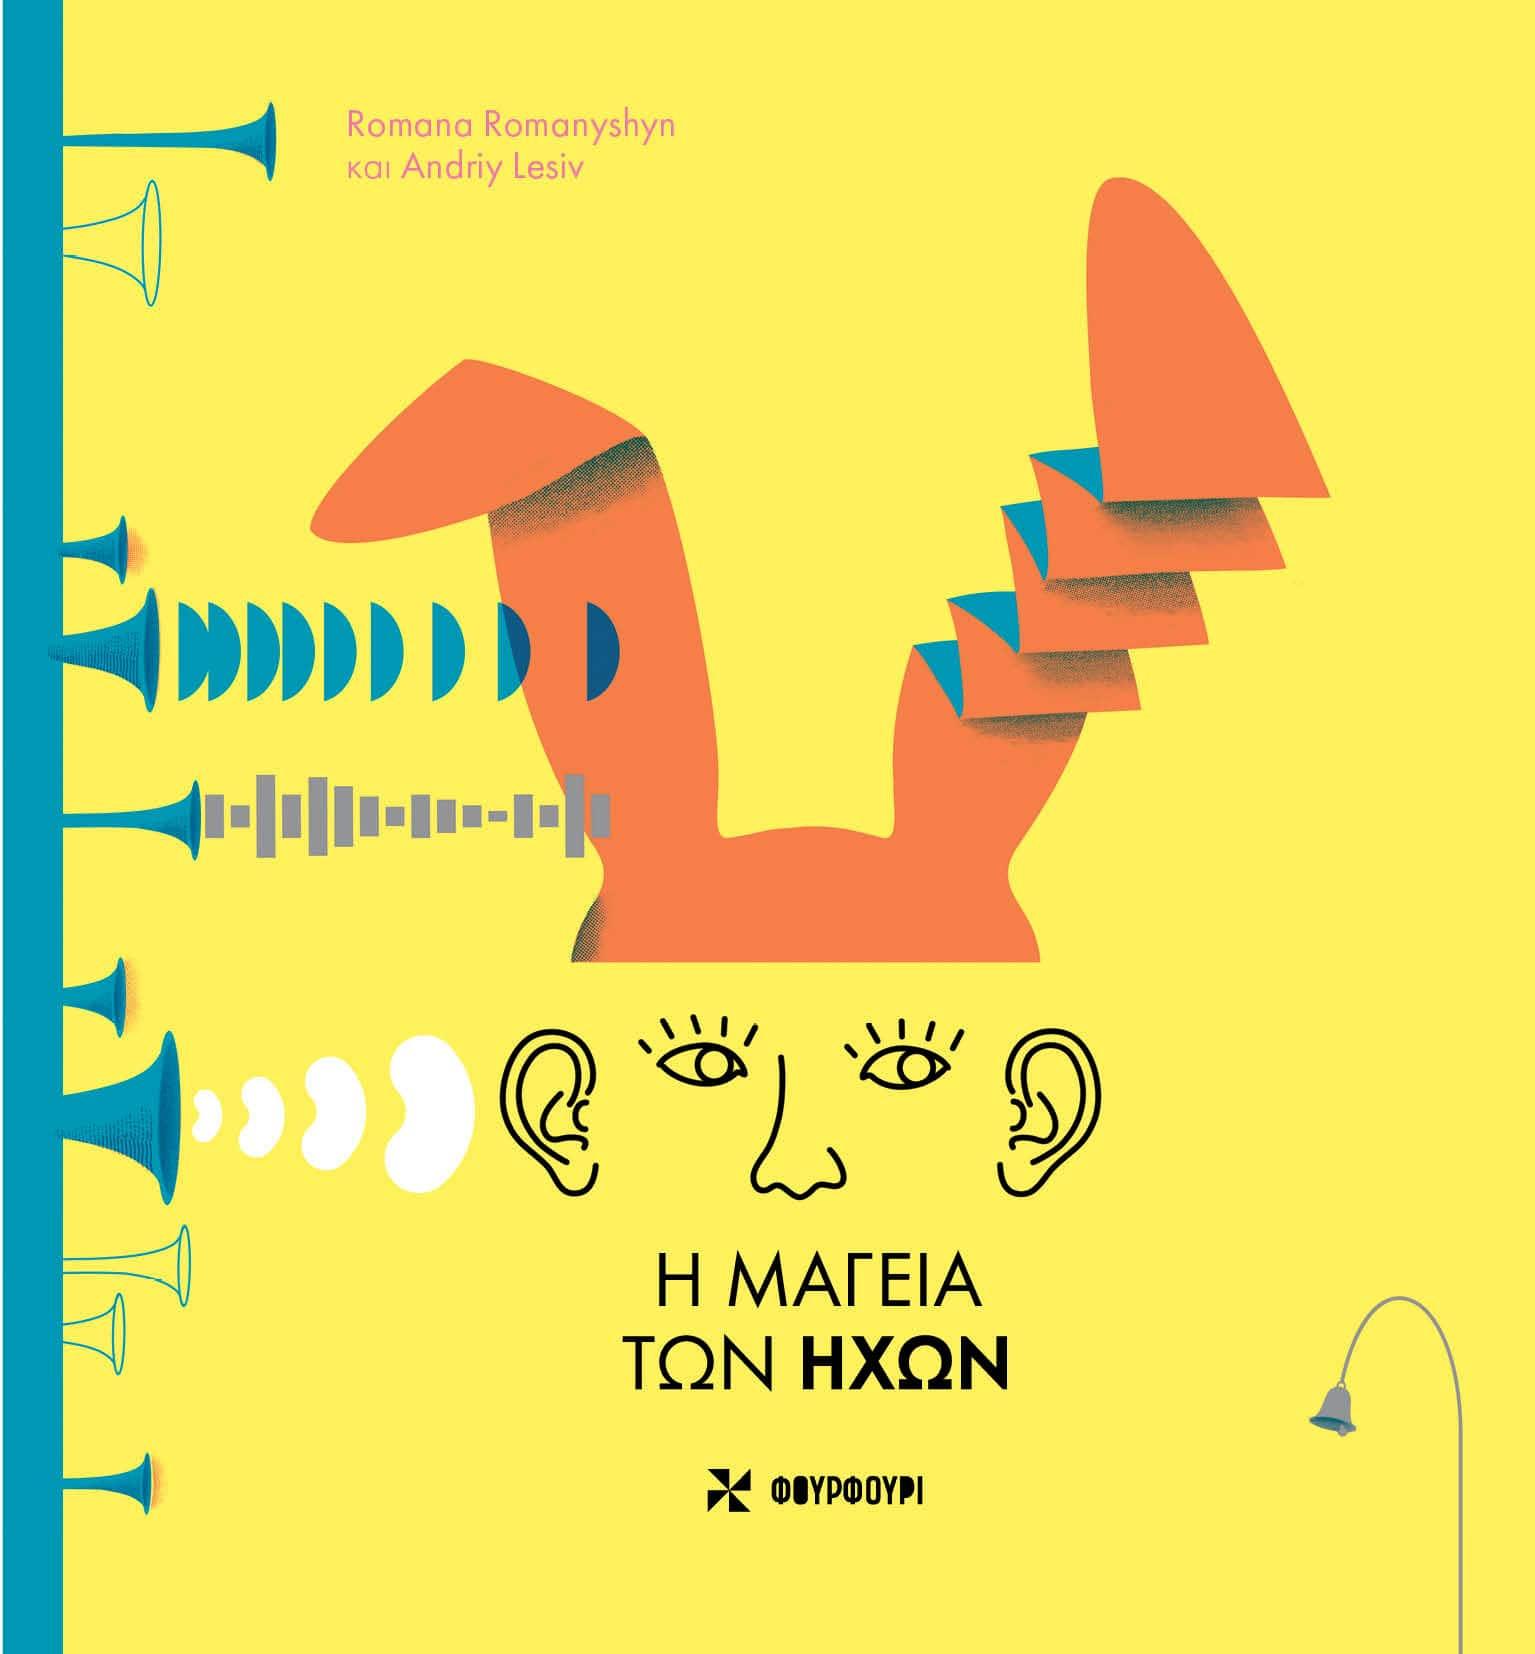 ΠΑΙΔΙΚΟ ΒΙΒΛΙΟ ΜΑΪΟΥ: Η Μαγεία των ήχων, προτείνει το Little Book – Thisisus.gr